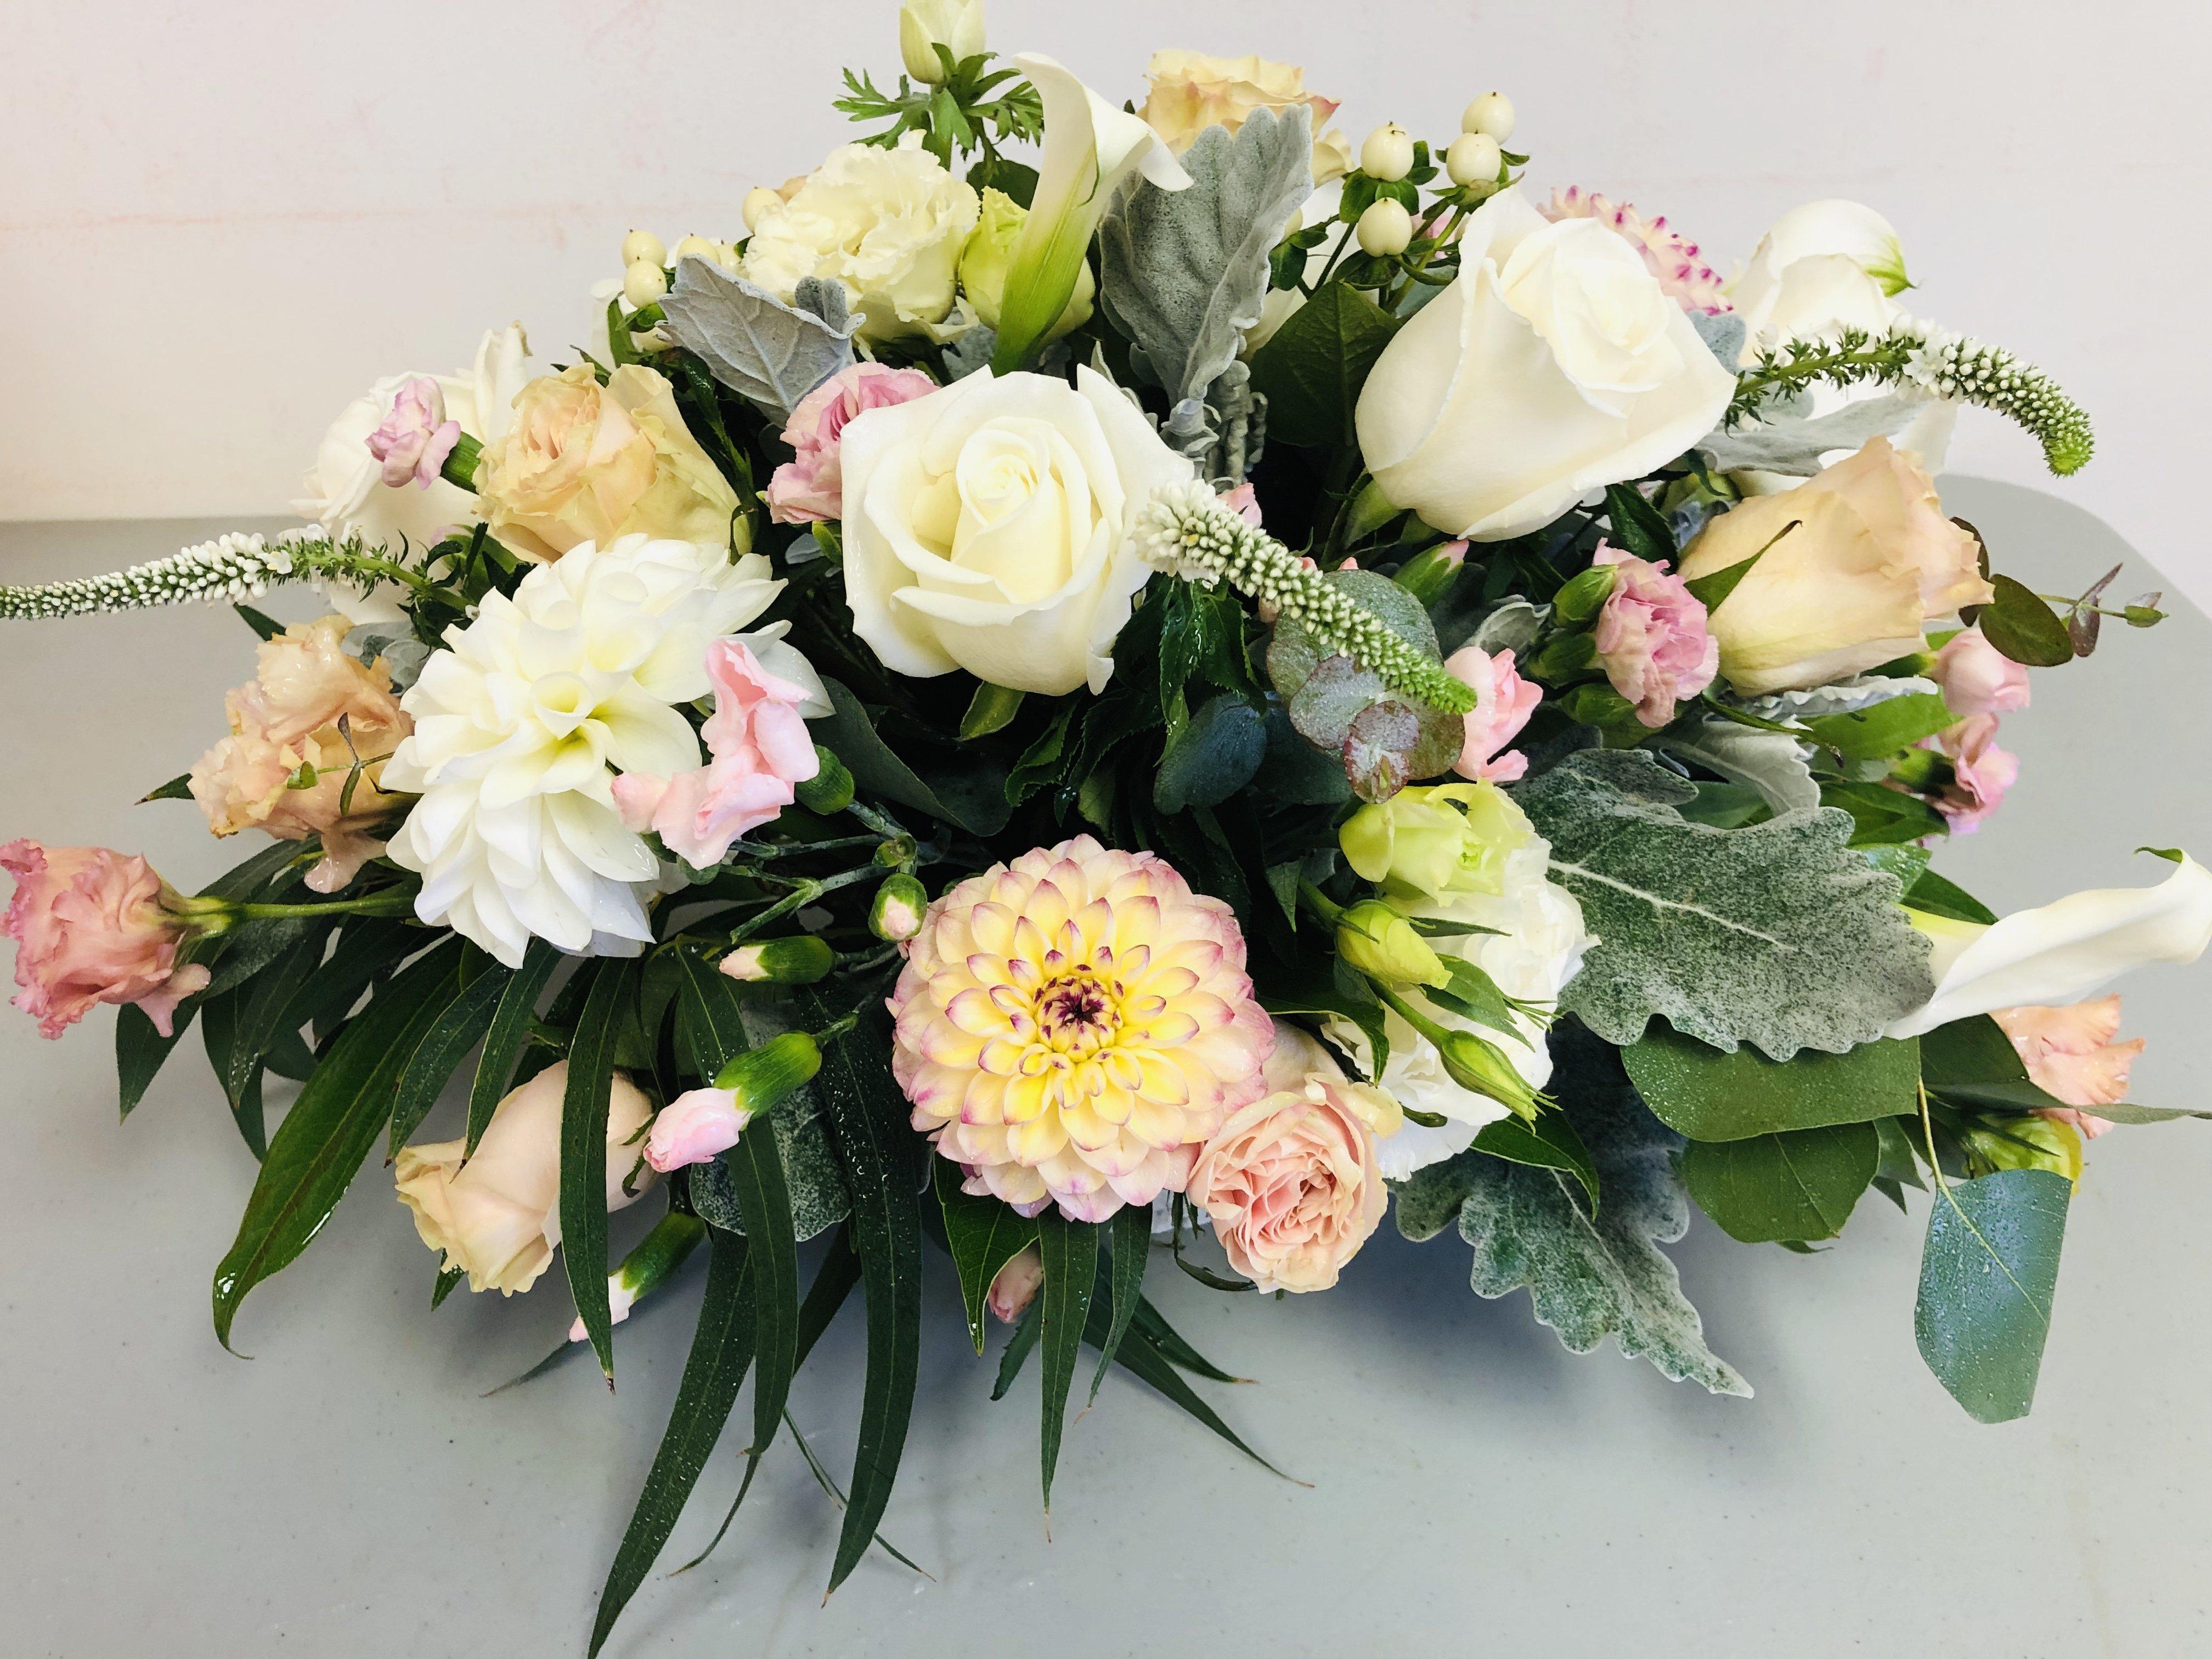 Pastel_floral_centrepiece_i0ykvs.jpg